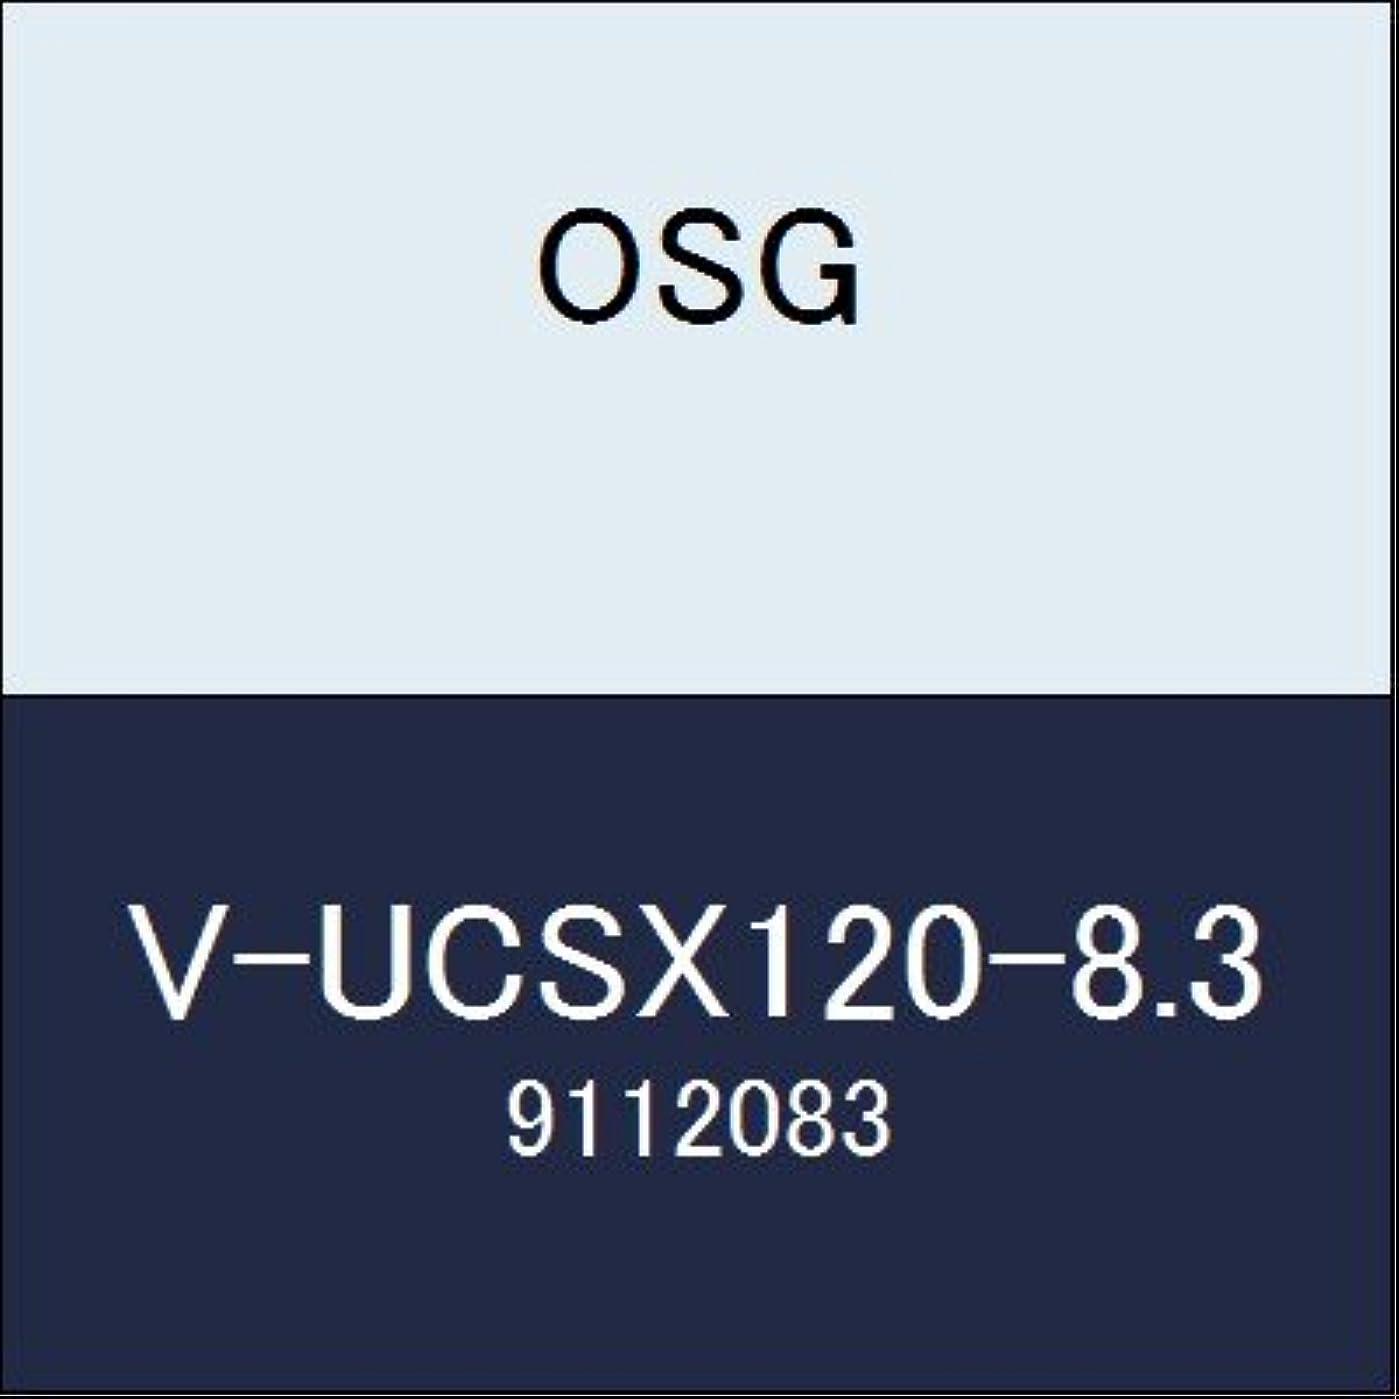 順応性歯車貫通OSG 3枚刃カンターシンク V-UCSX120-8.3 商品番号 9112083